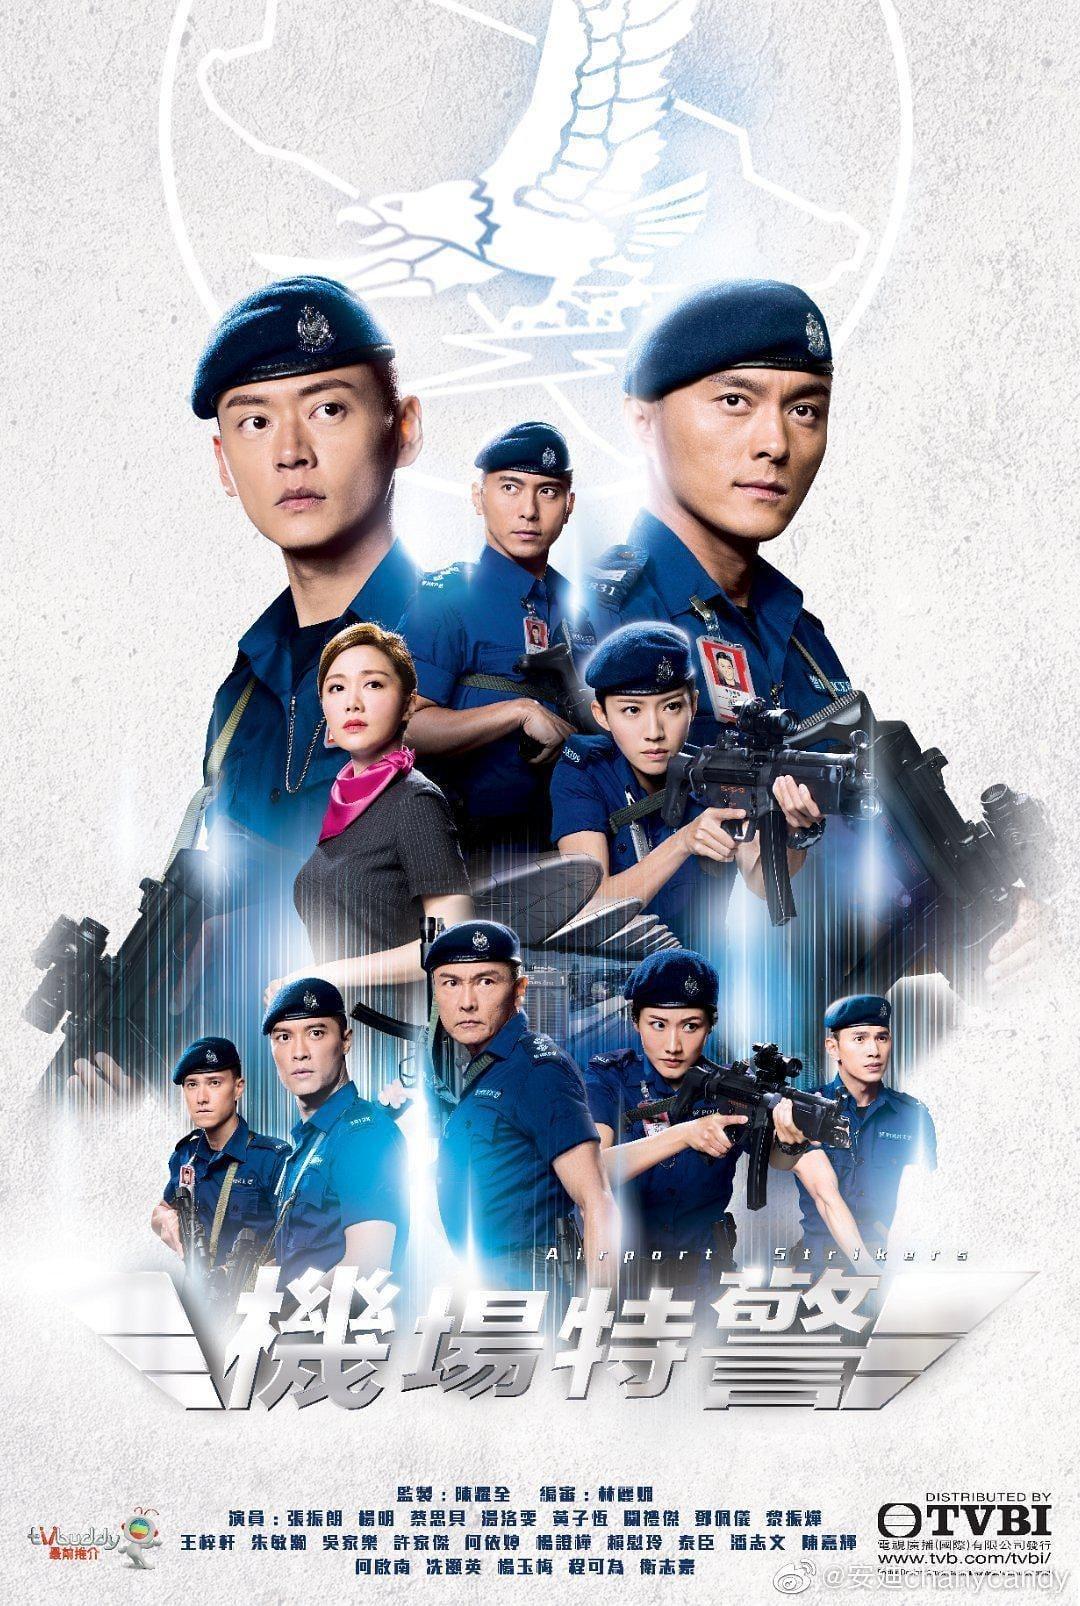 機場特警 TV Shows About Police